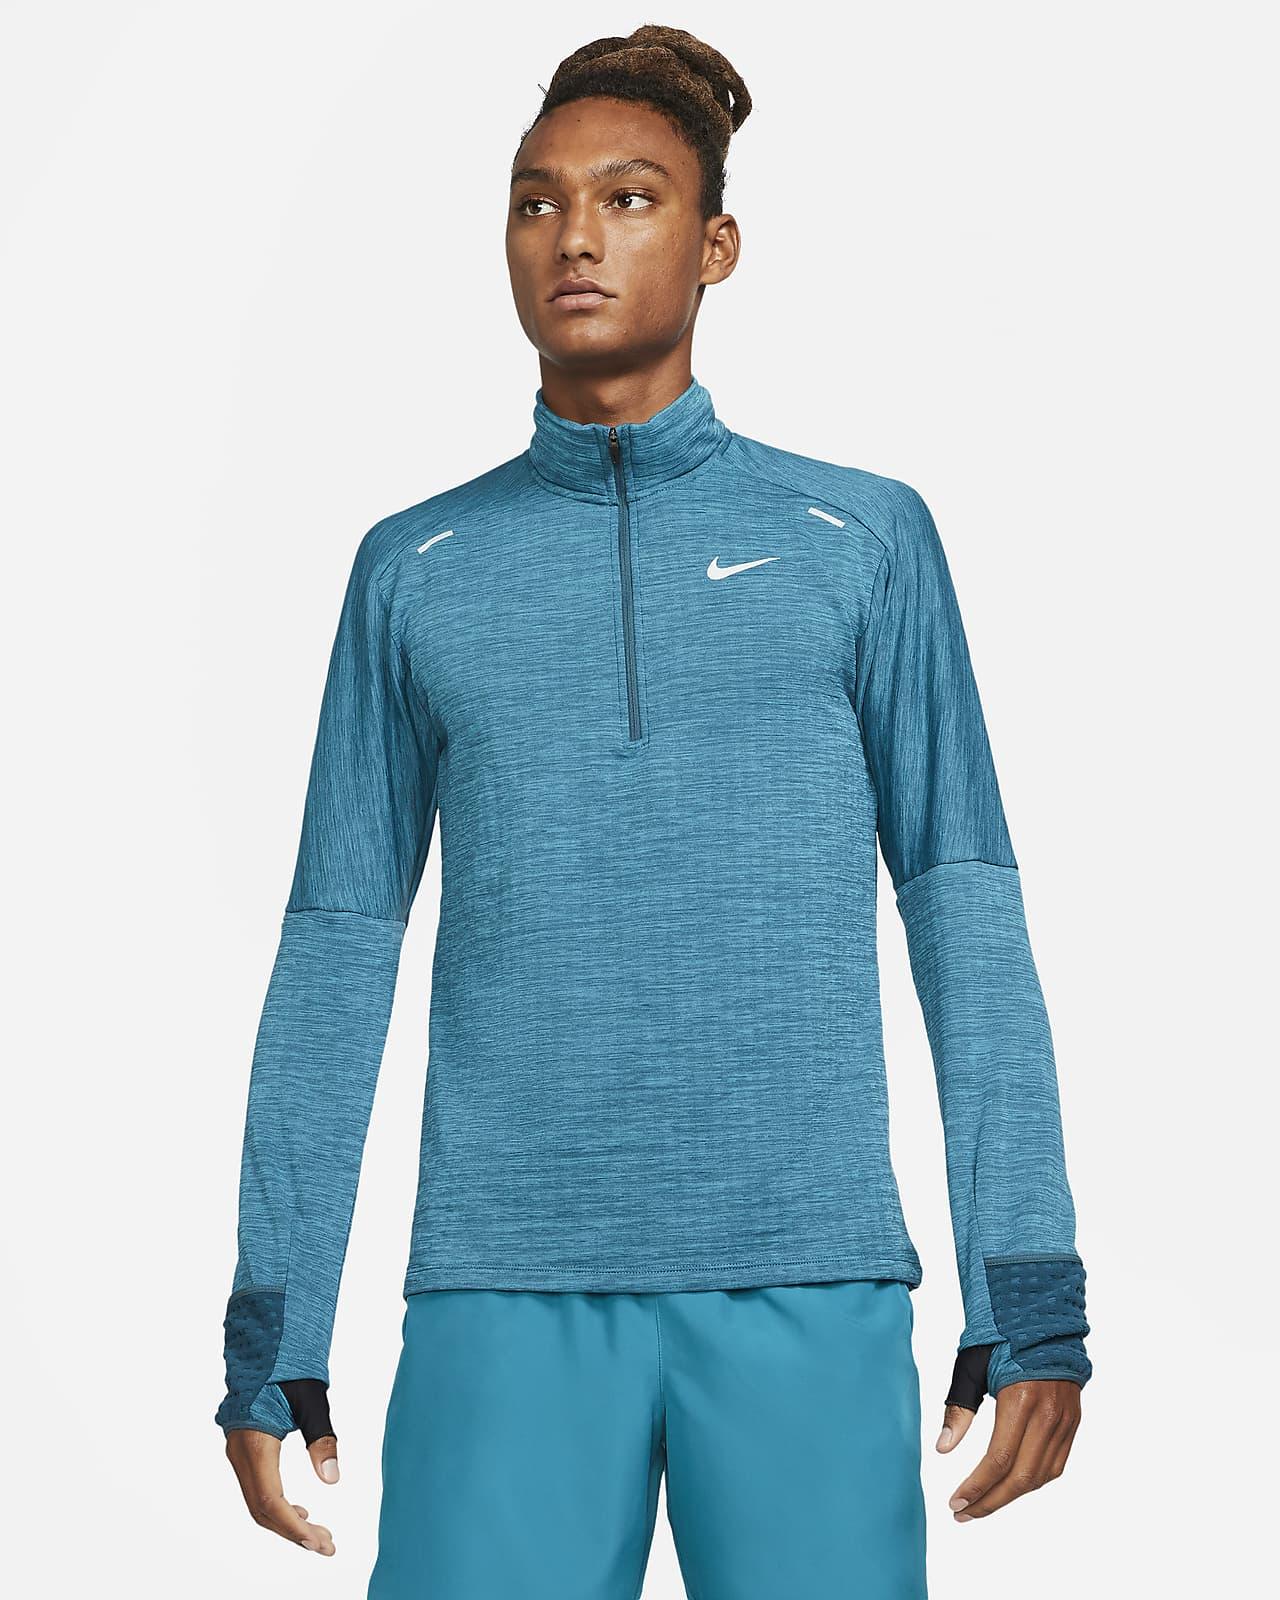 Maglia da running con zip a metà lunghezza Nike Sphere - Uomo